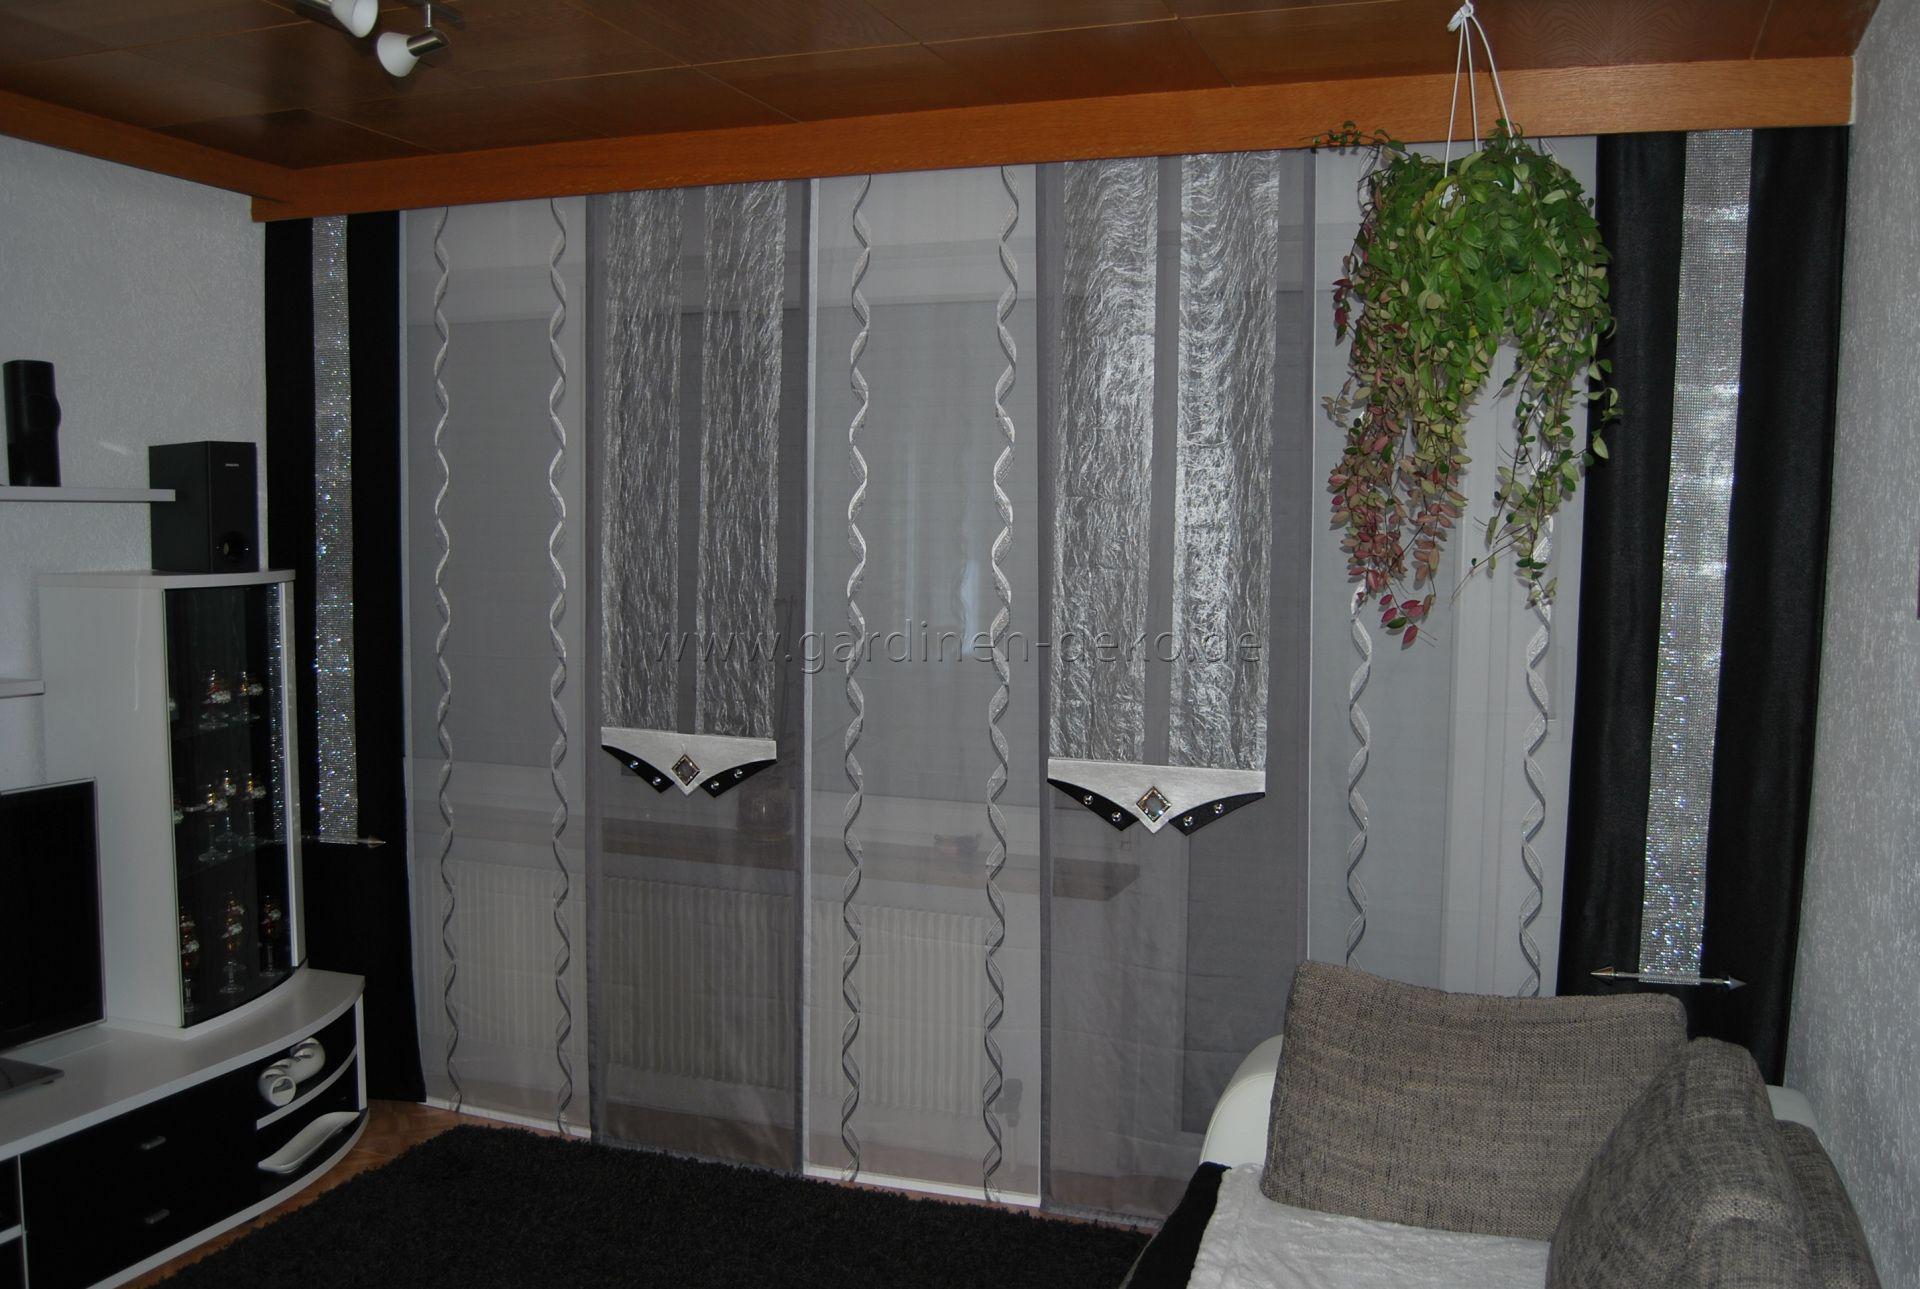 Wohnzimmer Schiebevorhang In Wei Silber Und Grau Mit